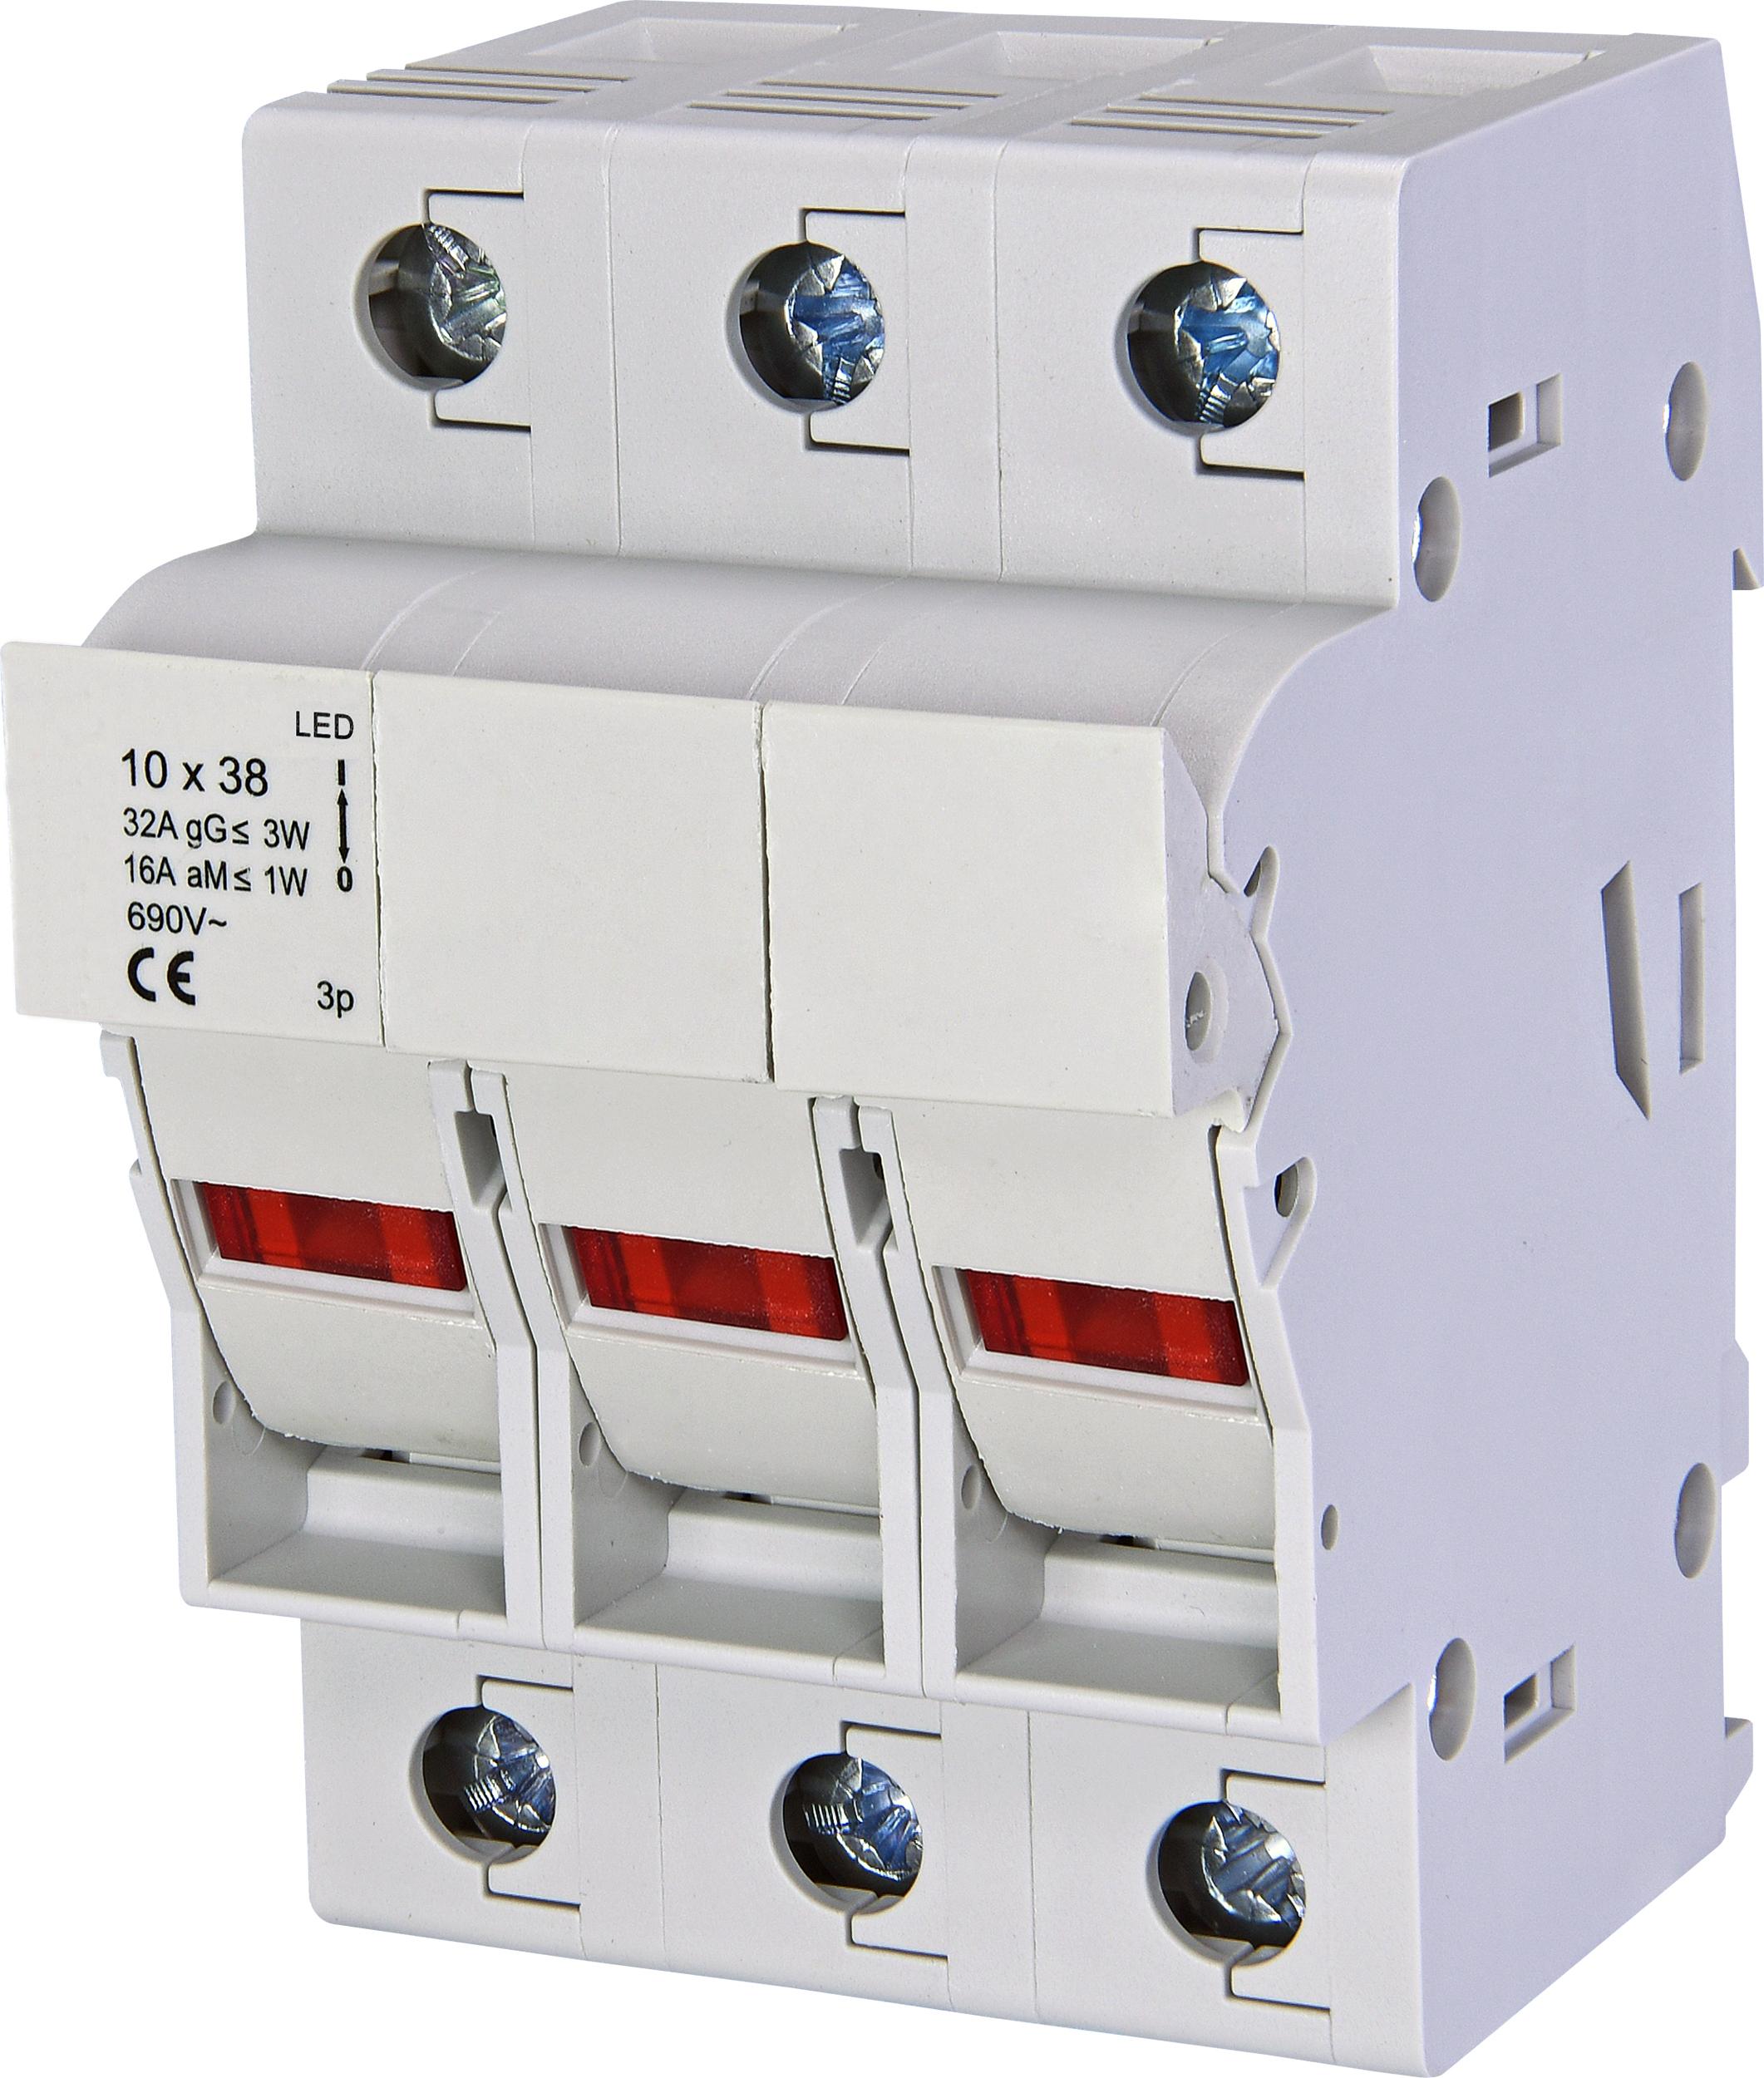 1 Stk Sicherungstrennschalter 10x38mm, 3-polig, 32A mit LED IS506109--